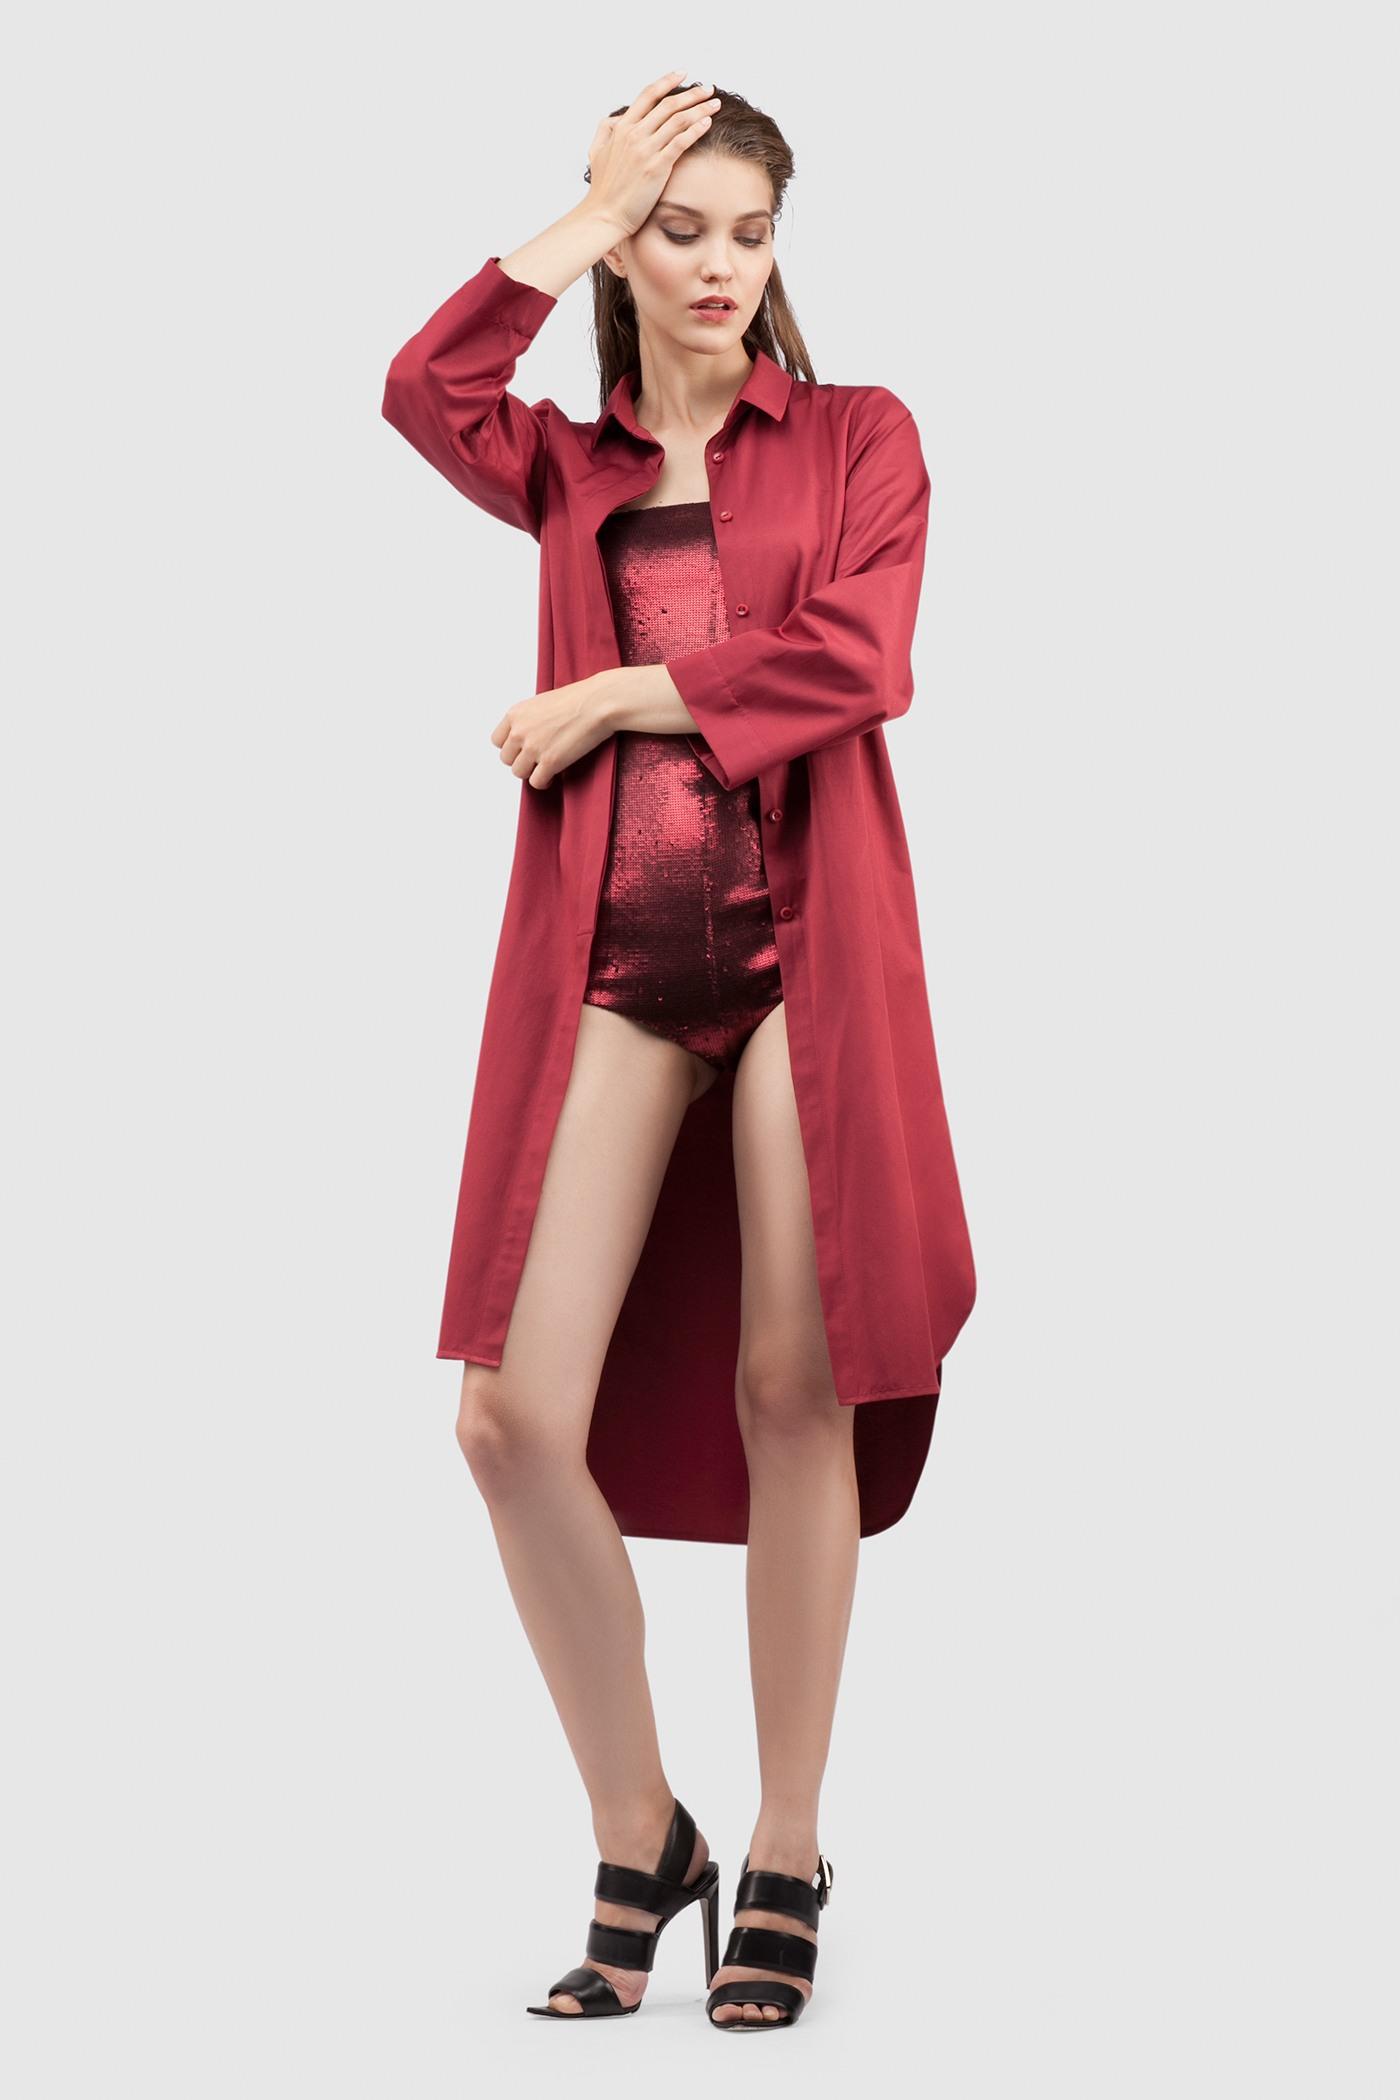 Комплект Платье-Рубашка+БодиКомплект состоит из платья-рубашки и боди&#13;<br>&#13;<br>Удлиненное платье-рубашка из тонкого струящего хлопка&#13;<br>&#13;<br>застегивается на пуговицы&#13;<br>&#13;<br>карманы в боковых швах&#13;<br>&#13;<br>длина рубашки при ростовке 164-170 см по спинке - 112 см, спереди 94 см&#13;<br>&#13;<br> &#13;<br>&#13;<br>Элегантное боди с пайетками&#13;<br>&#13;<br>прилегающий силуэт&#13;<br>&#13;<br>в комплекте съёмные регулируемые брeтели&#13;<br>&#13;<br>застёгивается на потайную молнию сзади&#13;<br>&#13;<br>мягкая подкладка из трикотажа<br><br>Цвет: Бордовый, Черный<br>Размер: XS, S, M